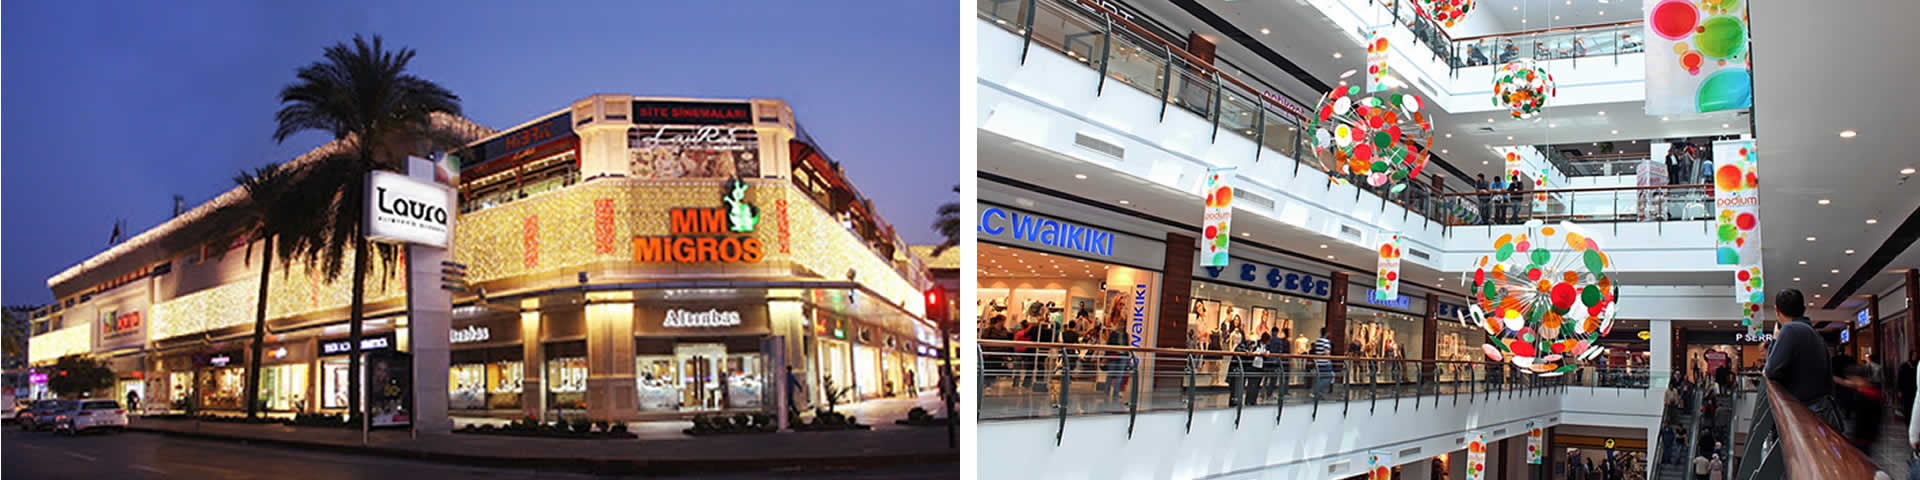 مرکز خرید لاورا